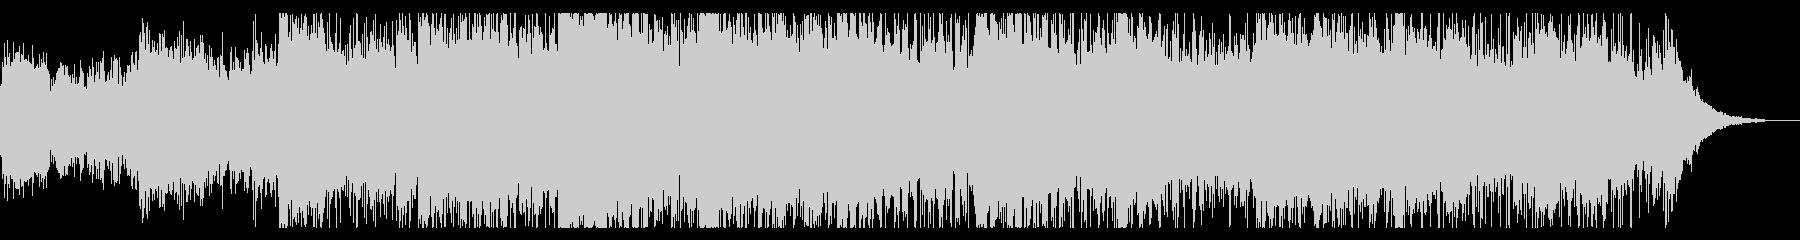 怪しいムードのサウンドスケープの未再生の波形